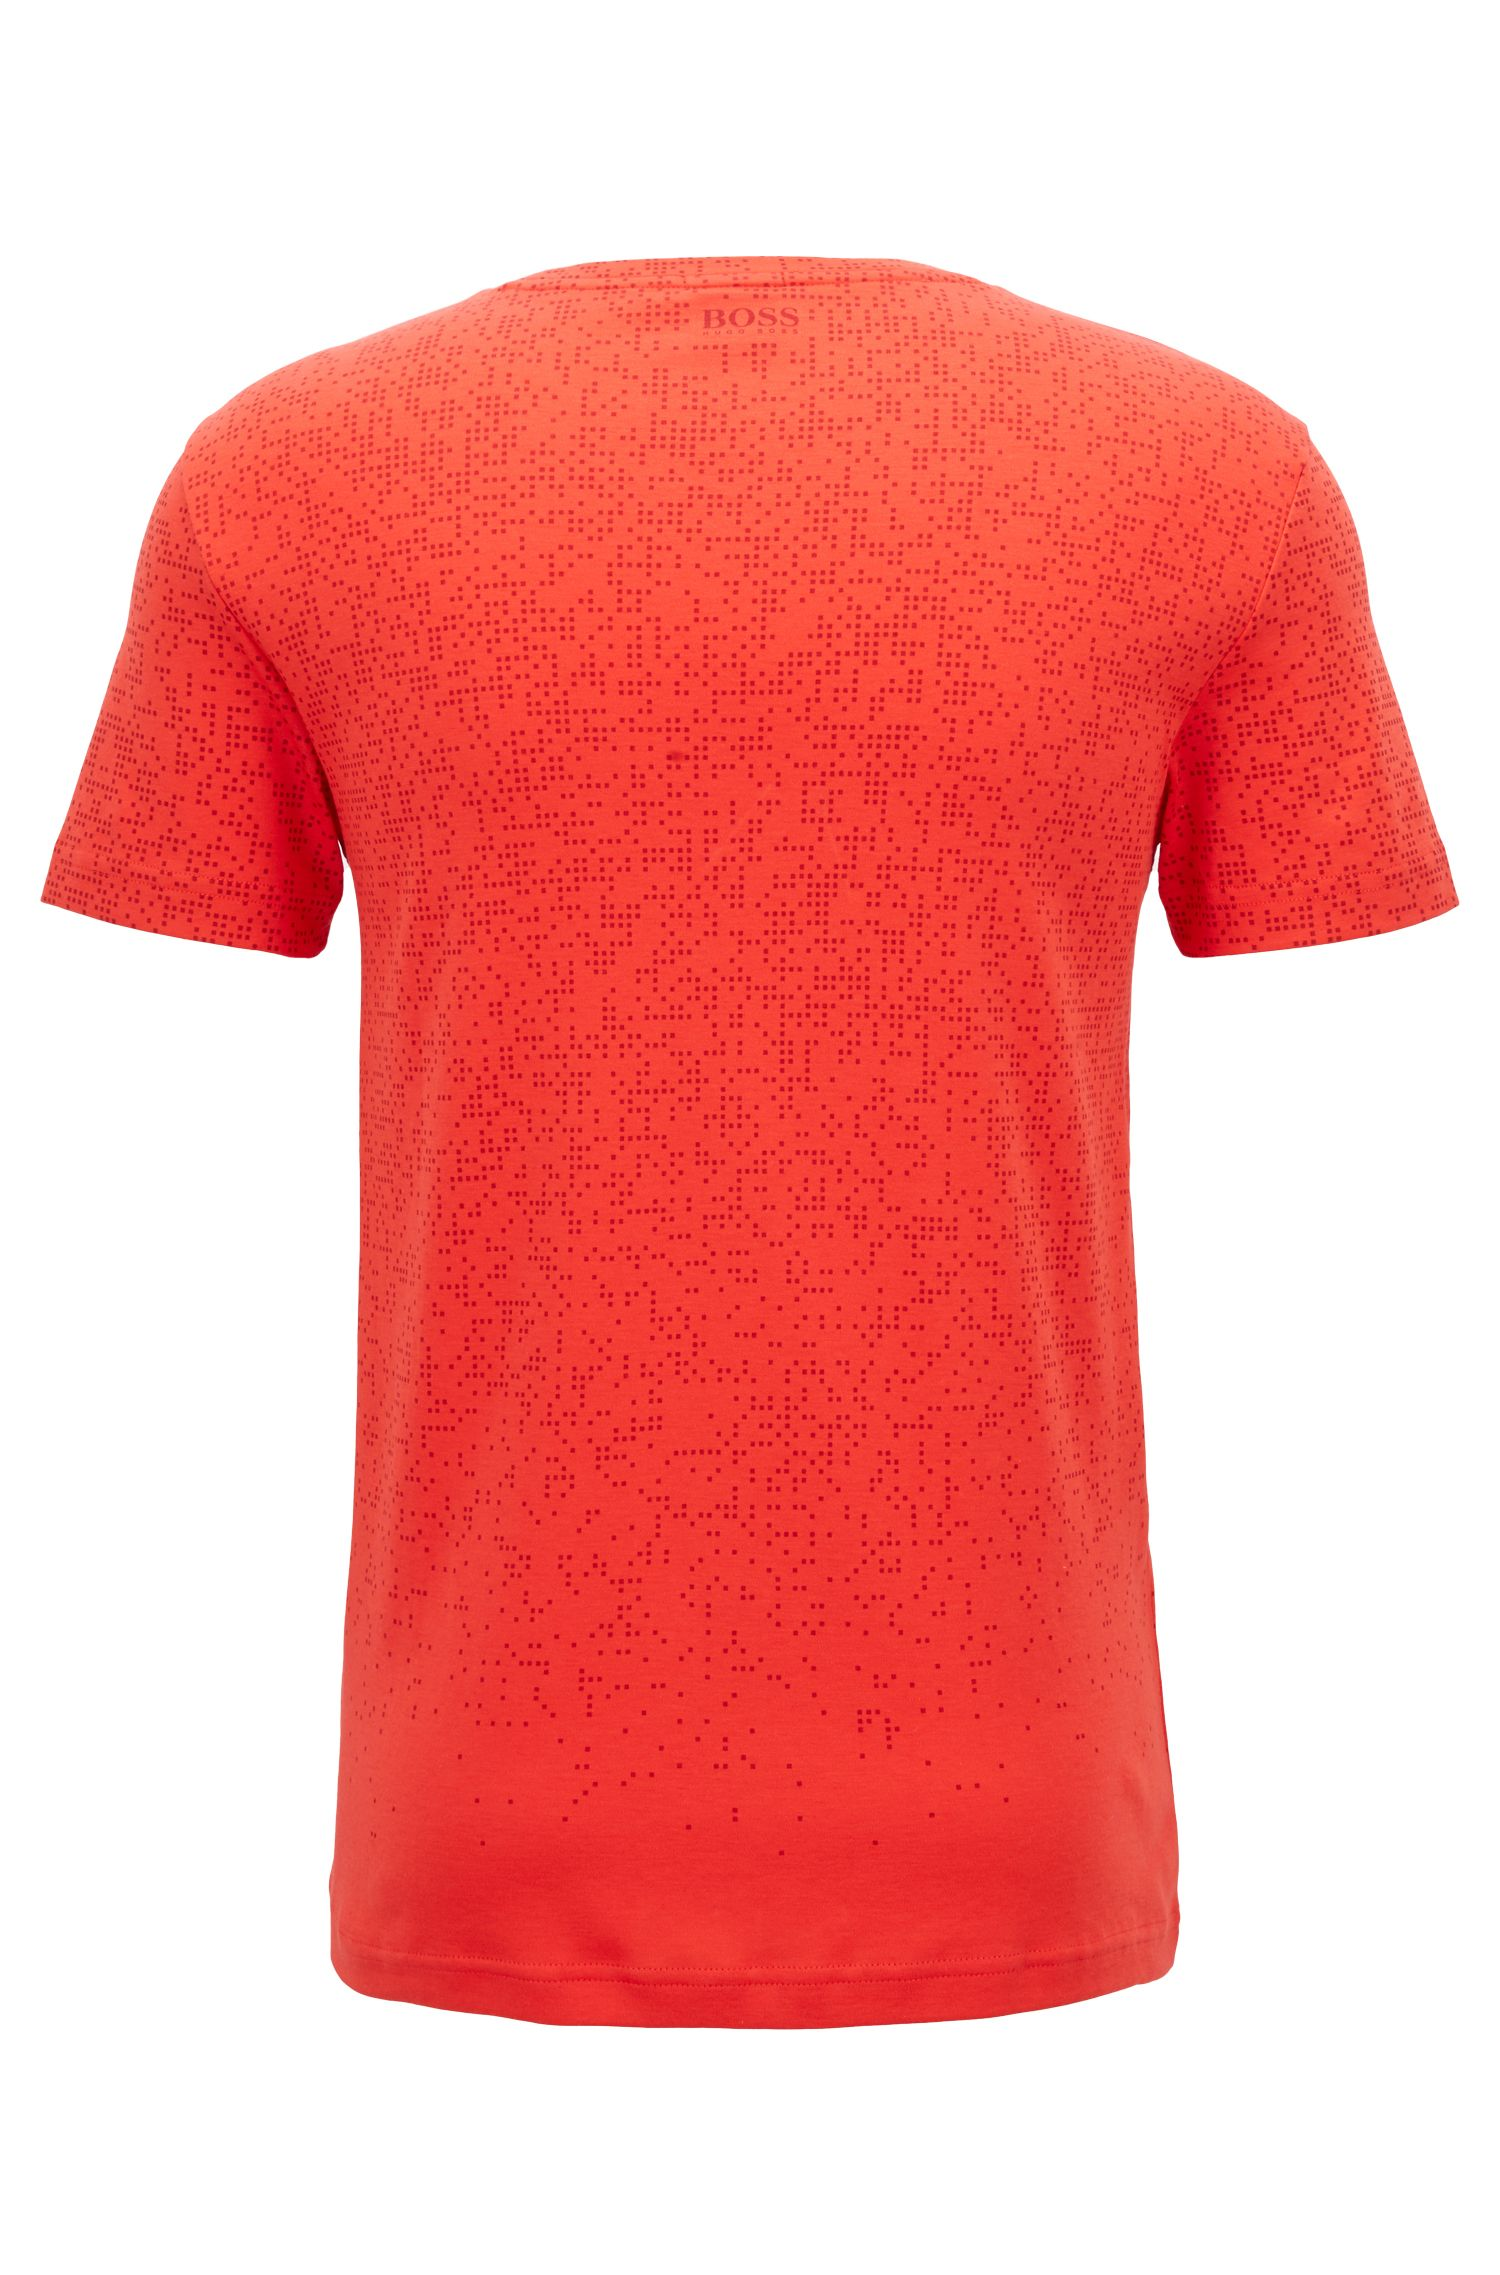 T-shirt slim fit in cotone con motivo pixelato, Rosso chiaro